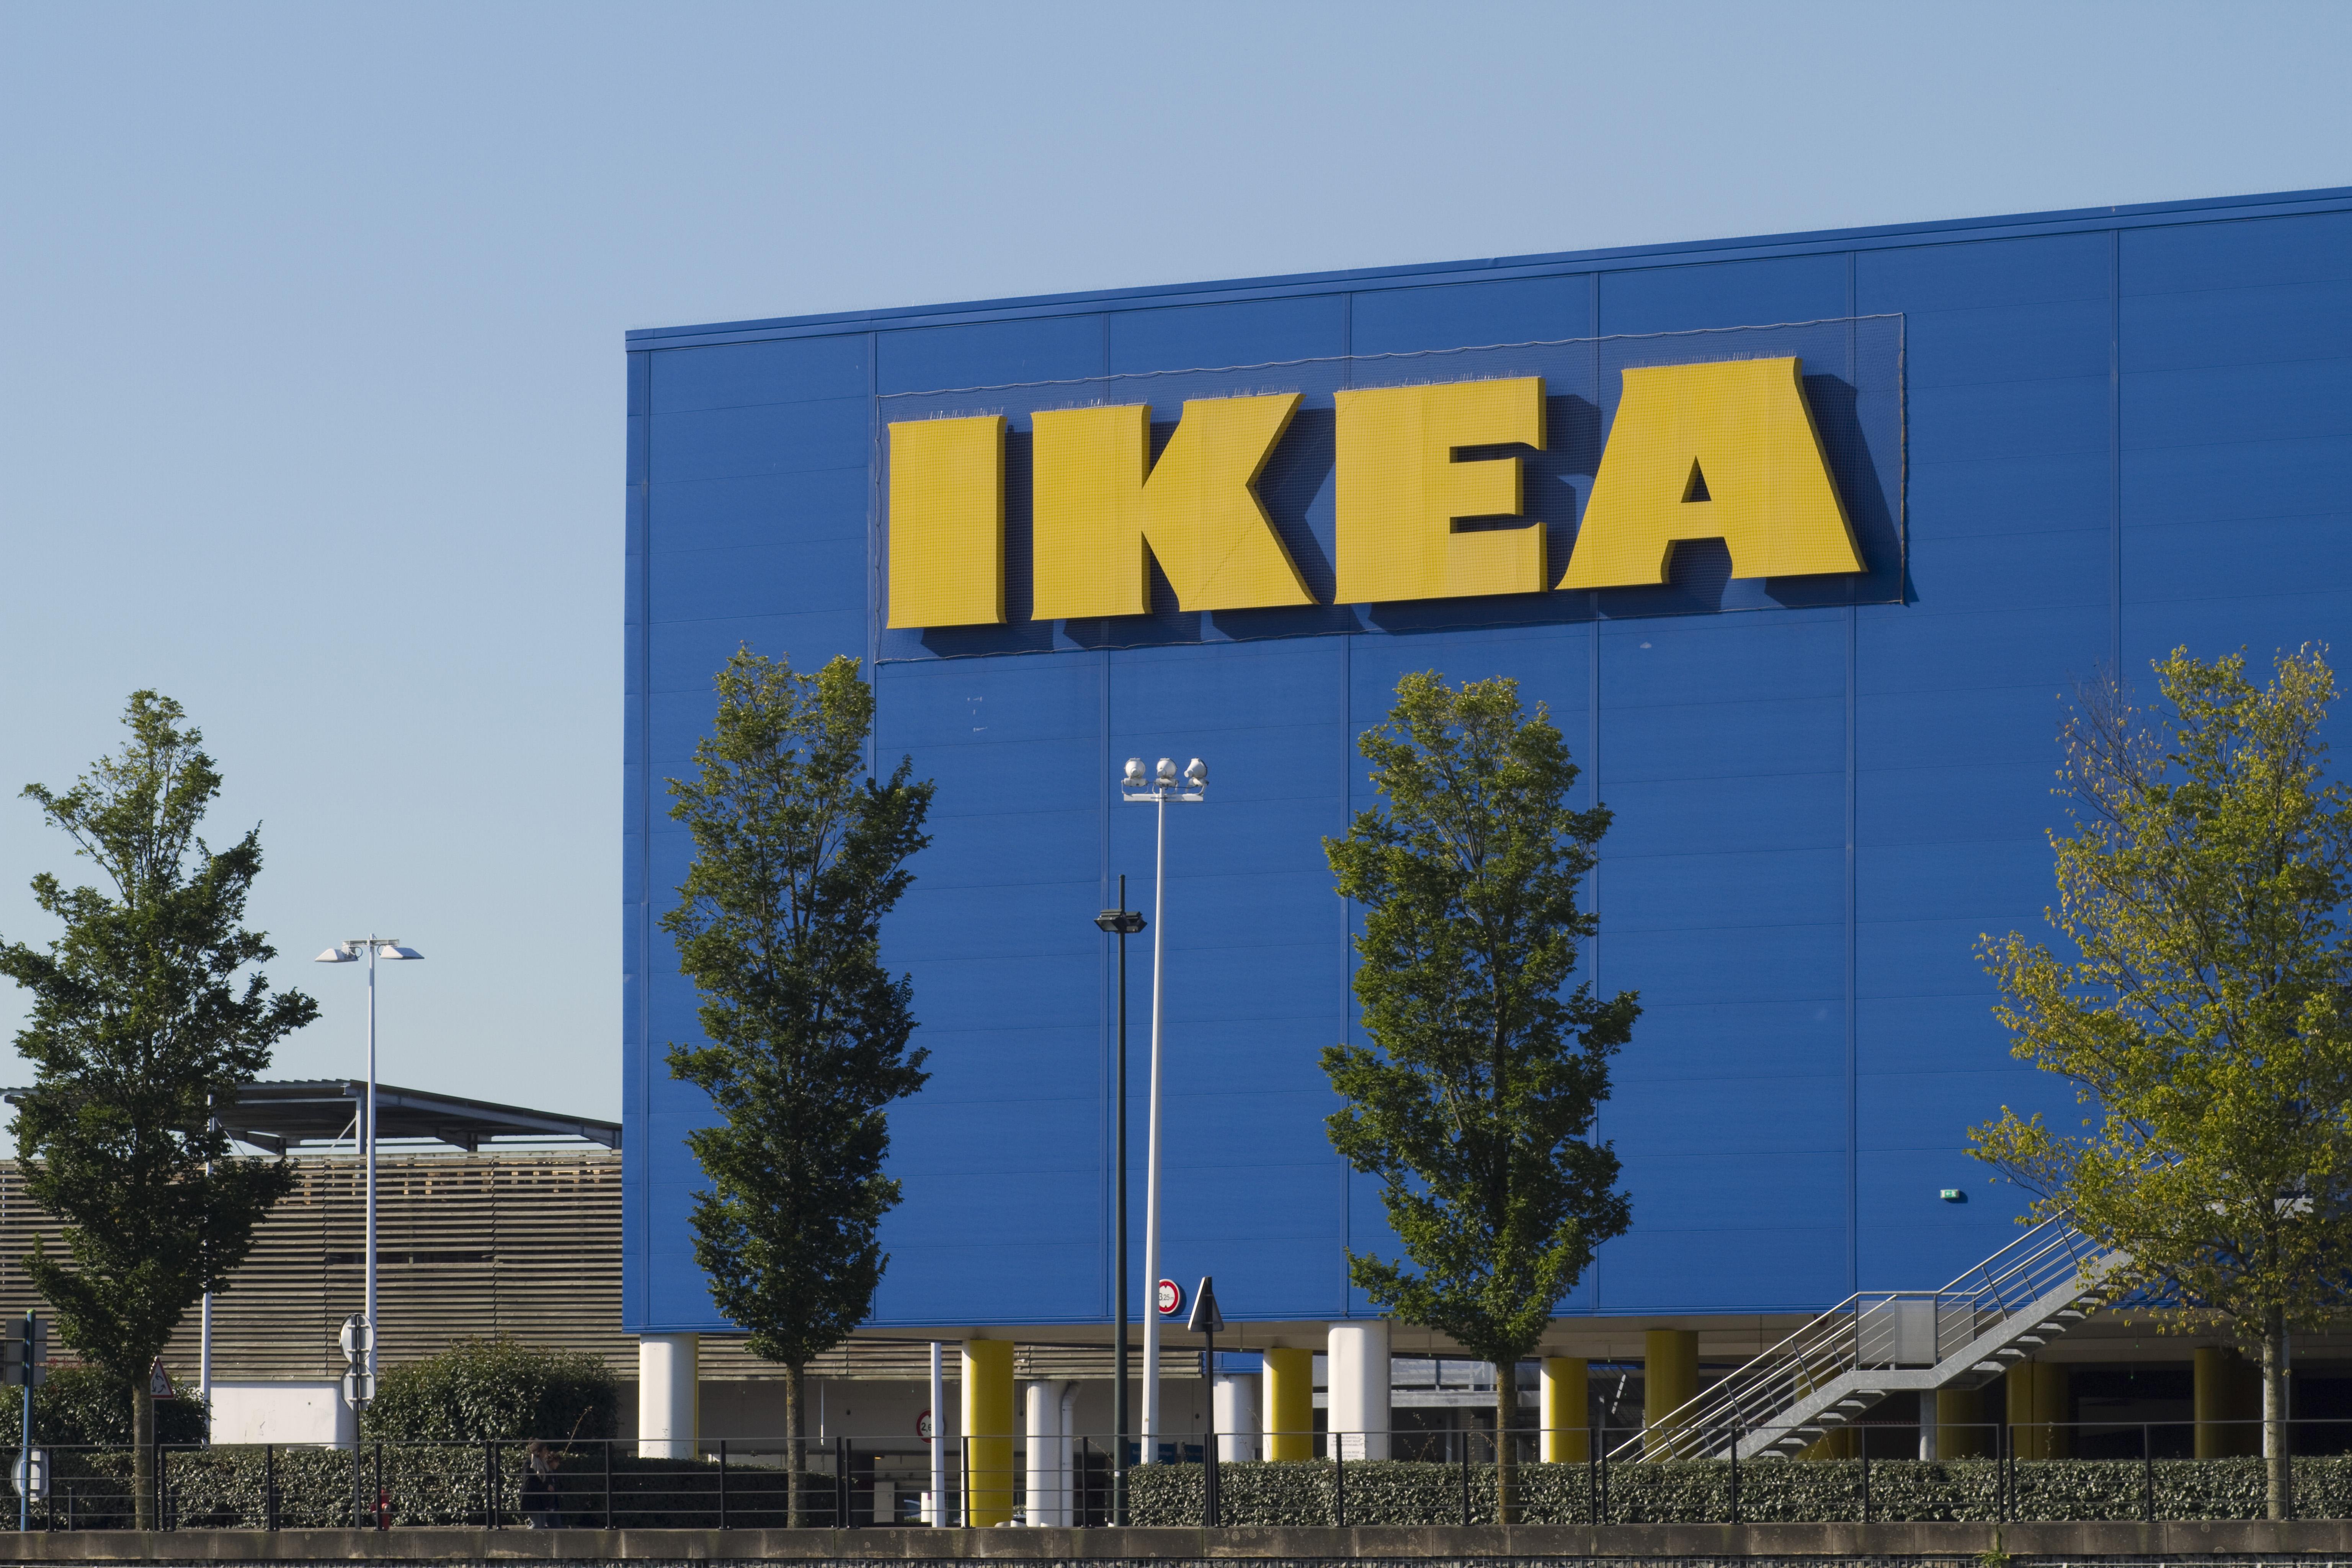 Az IKEA 1 milliárd eurónyi adót nem fizetett be Európában